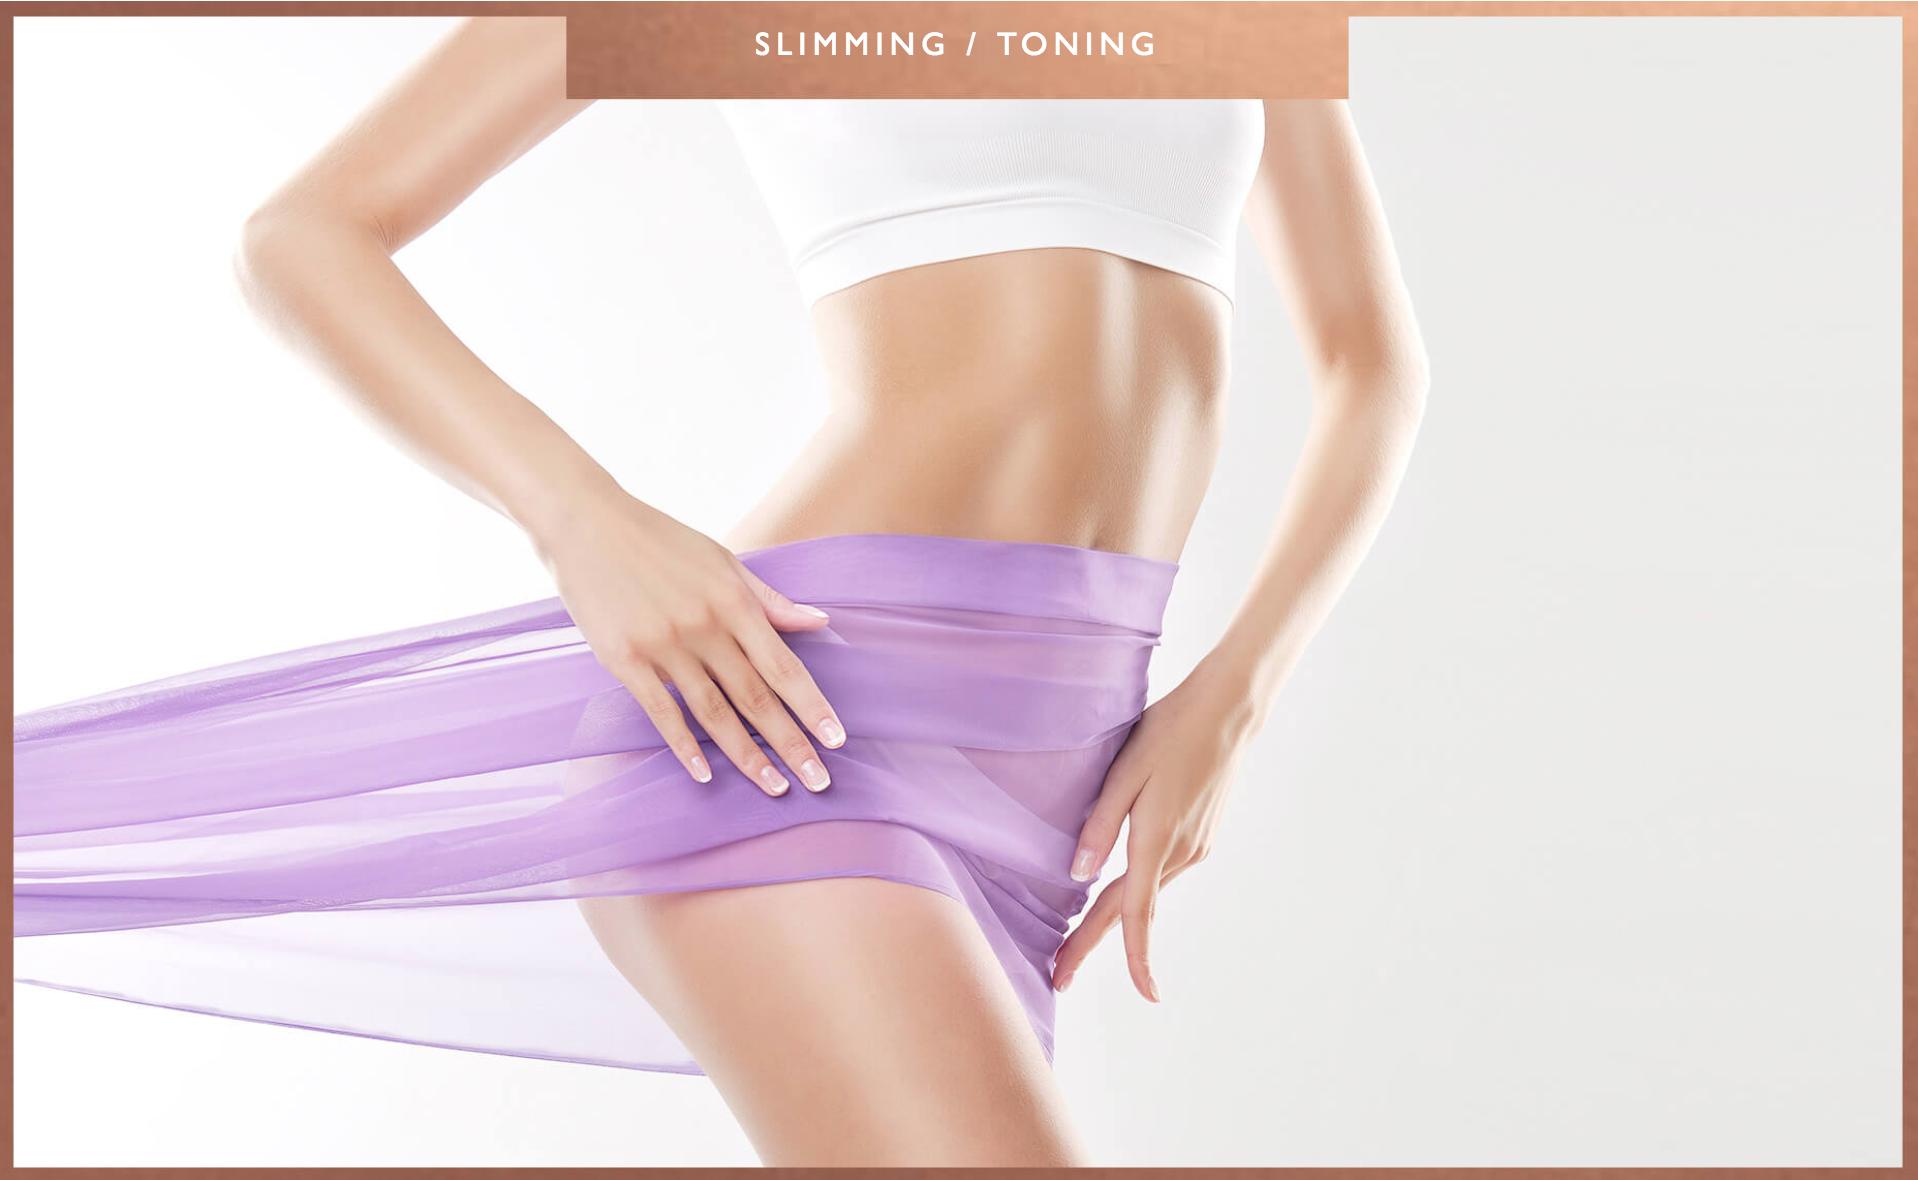 Slimming/ Toning